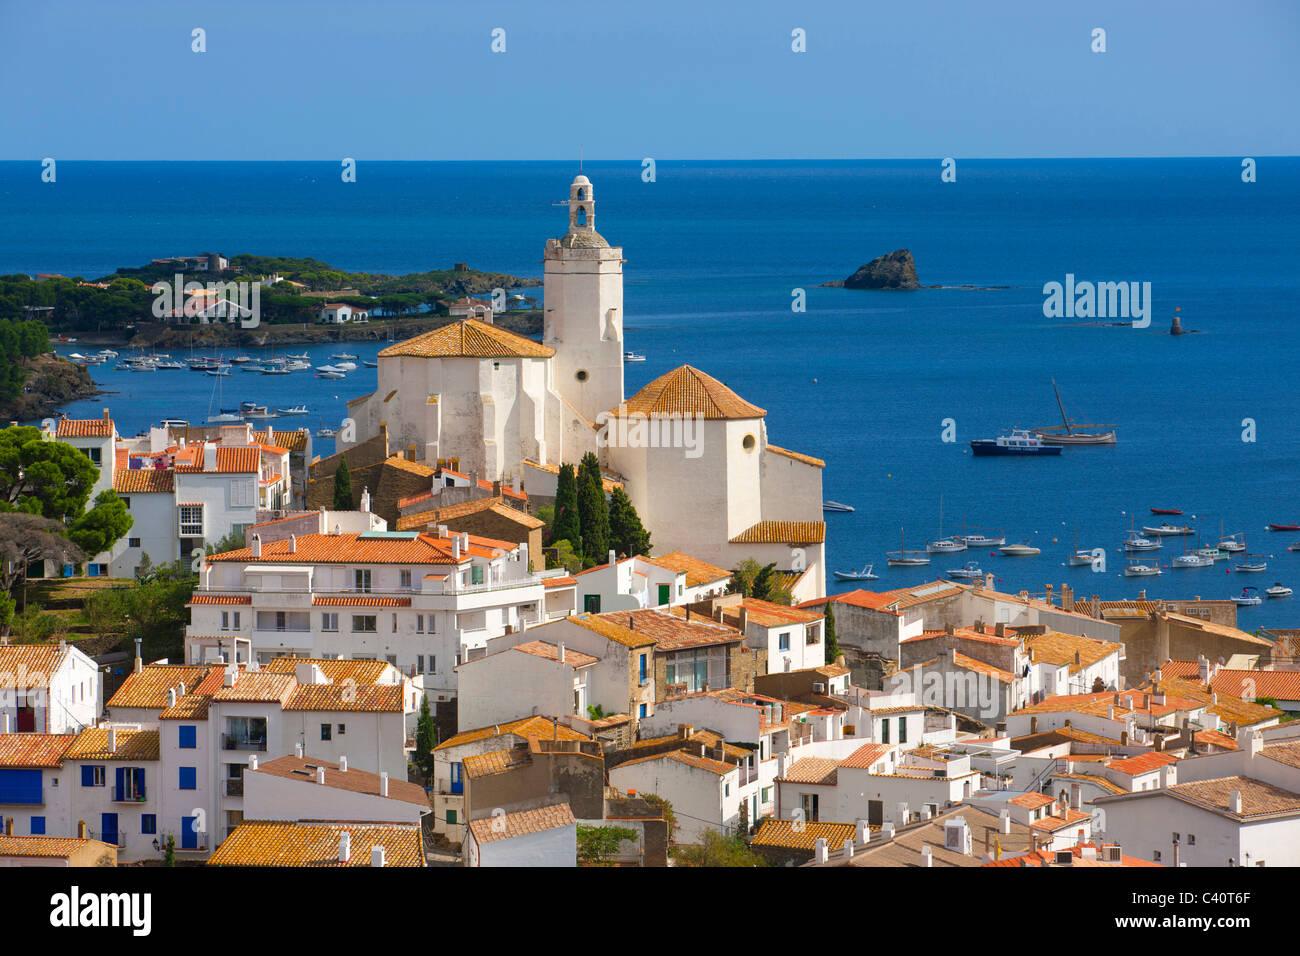 En Cadaqués, España, Europa, Cataluña, Costa Brava, el mar, el Mar Mediterráneo, la costa, la Imagen De Stock